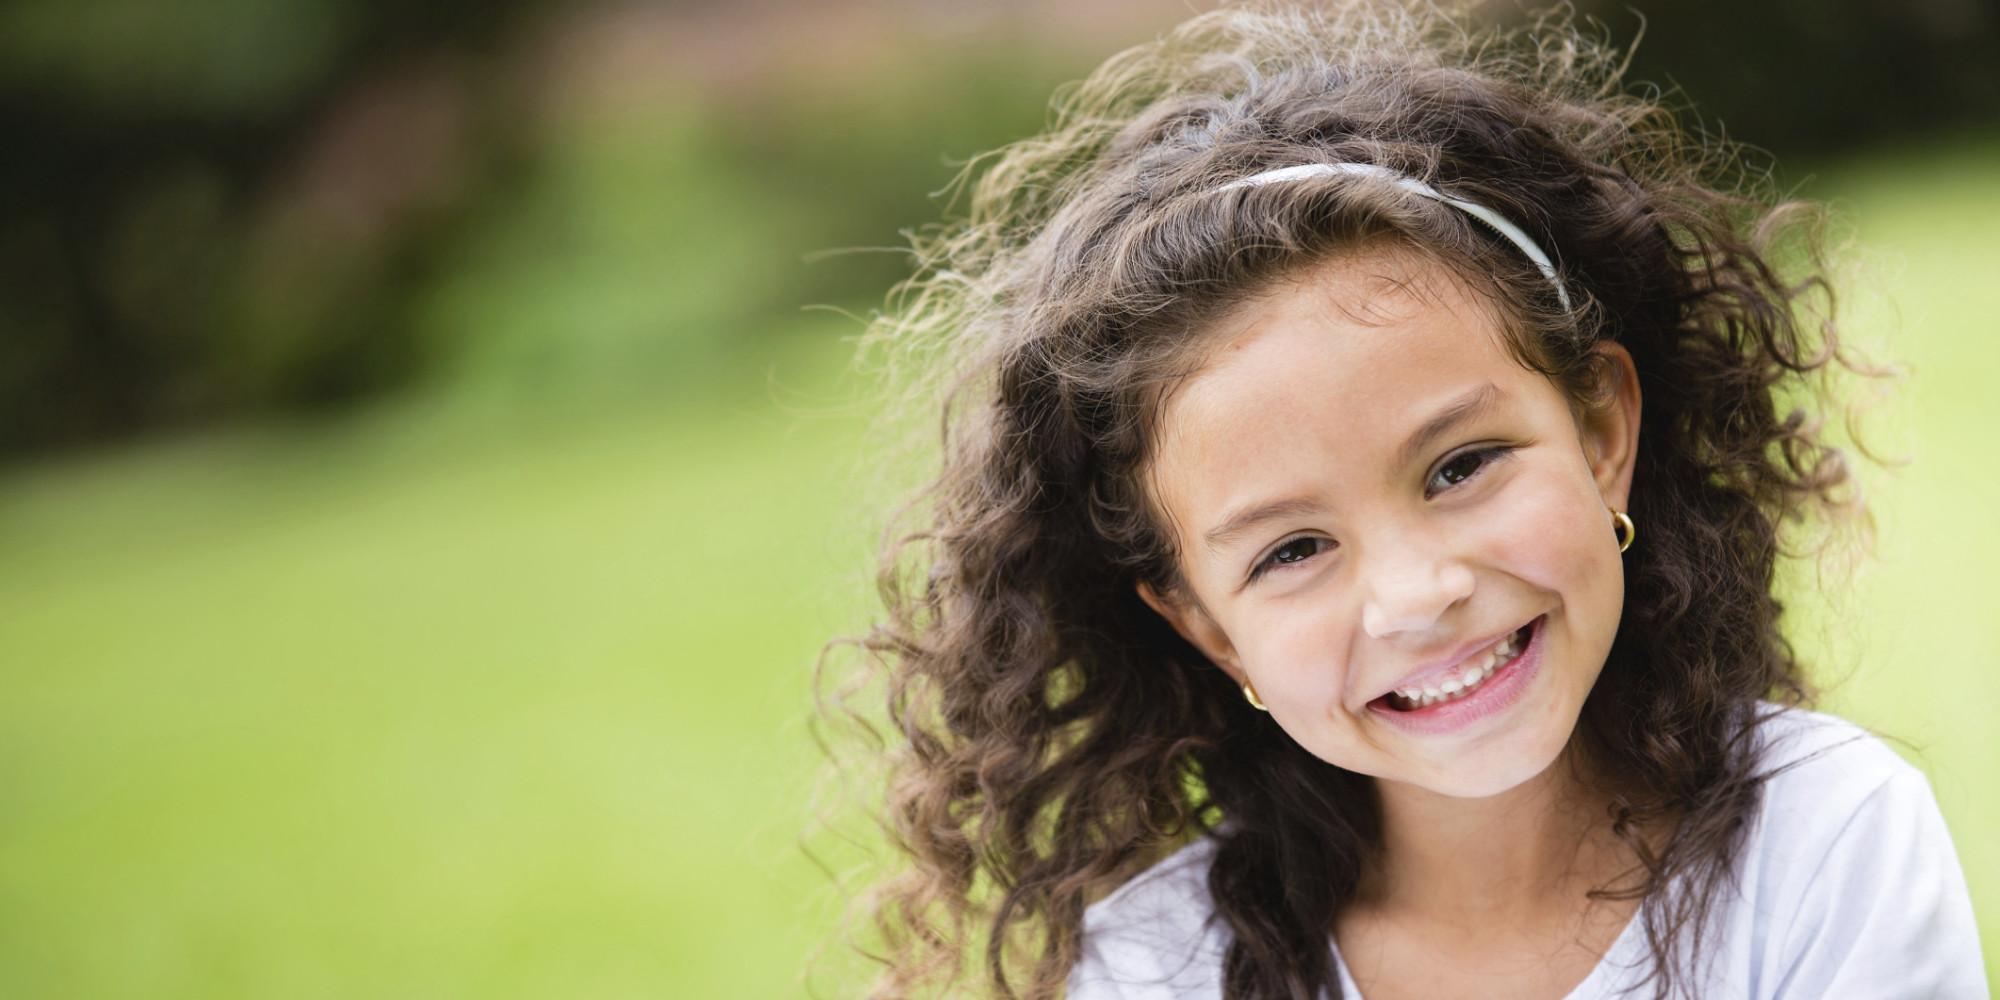 نصائح ذهبية لتنمية ثقة الطفل بنفسه